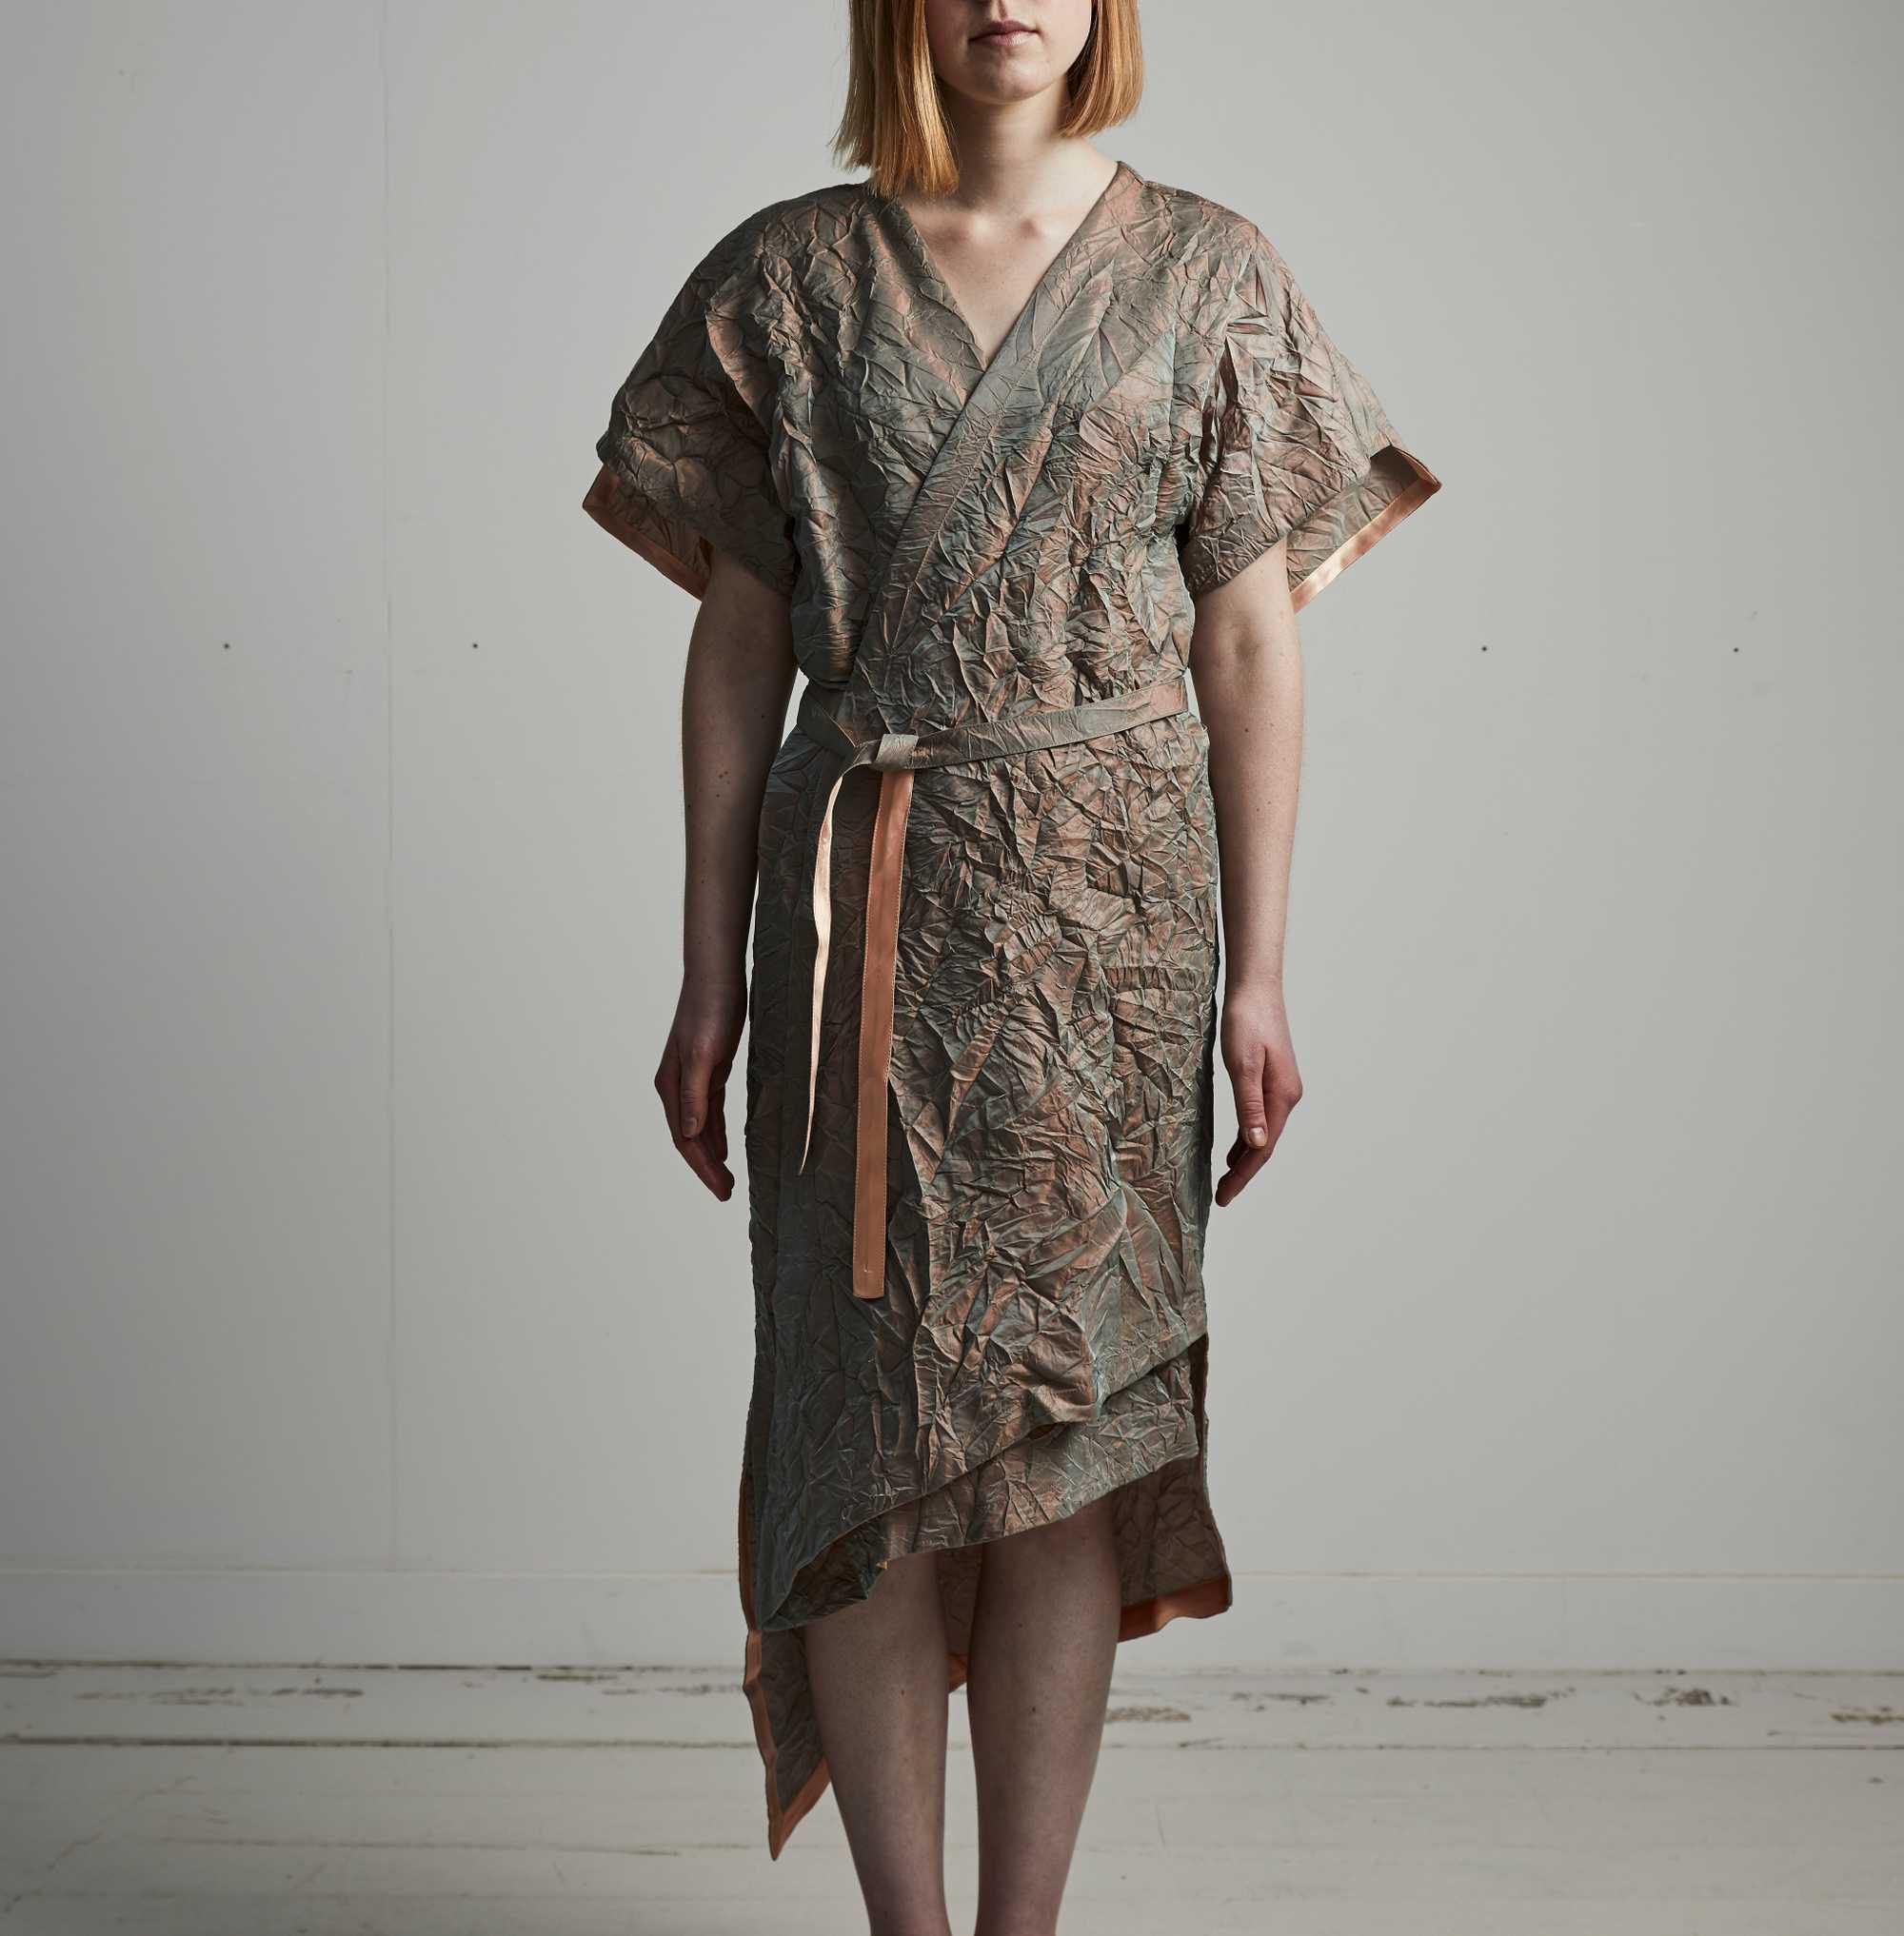 Image of Mirina dress